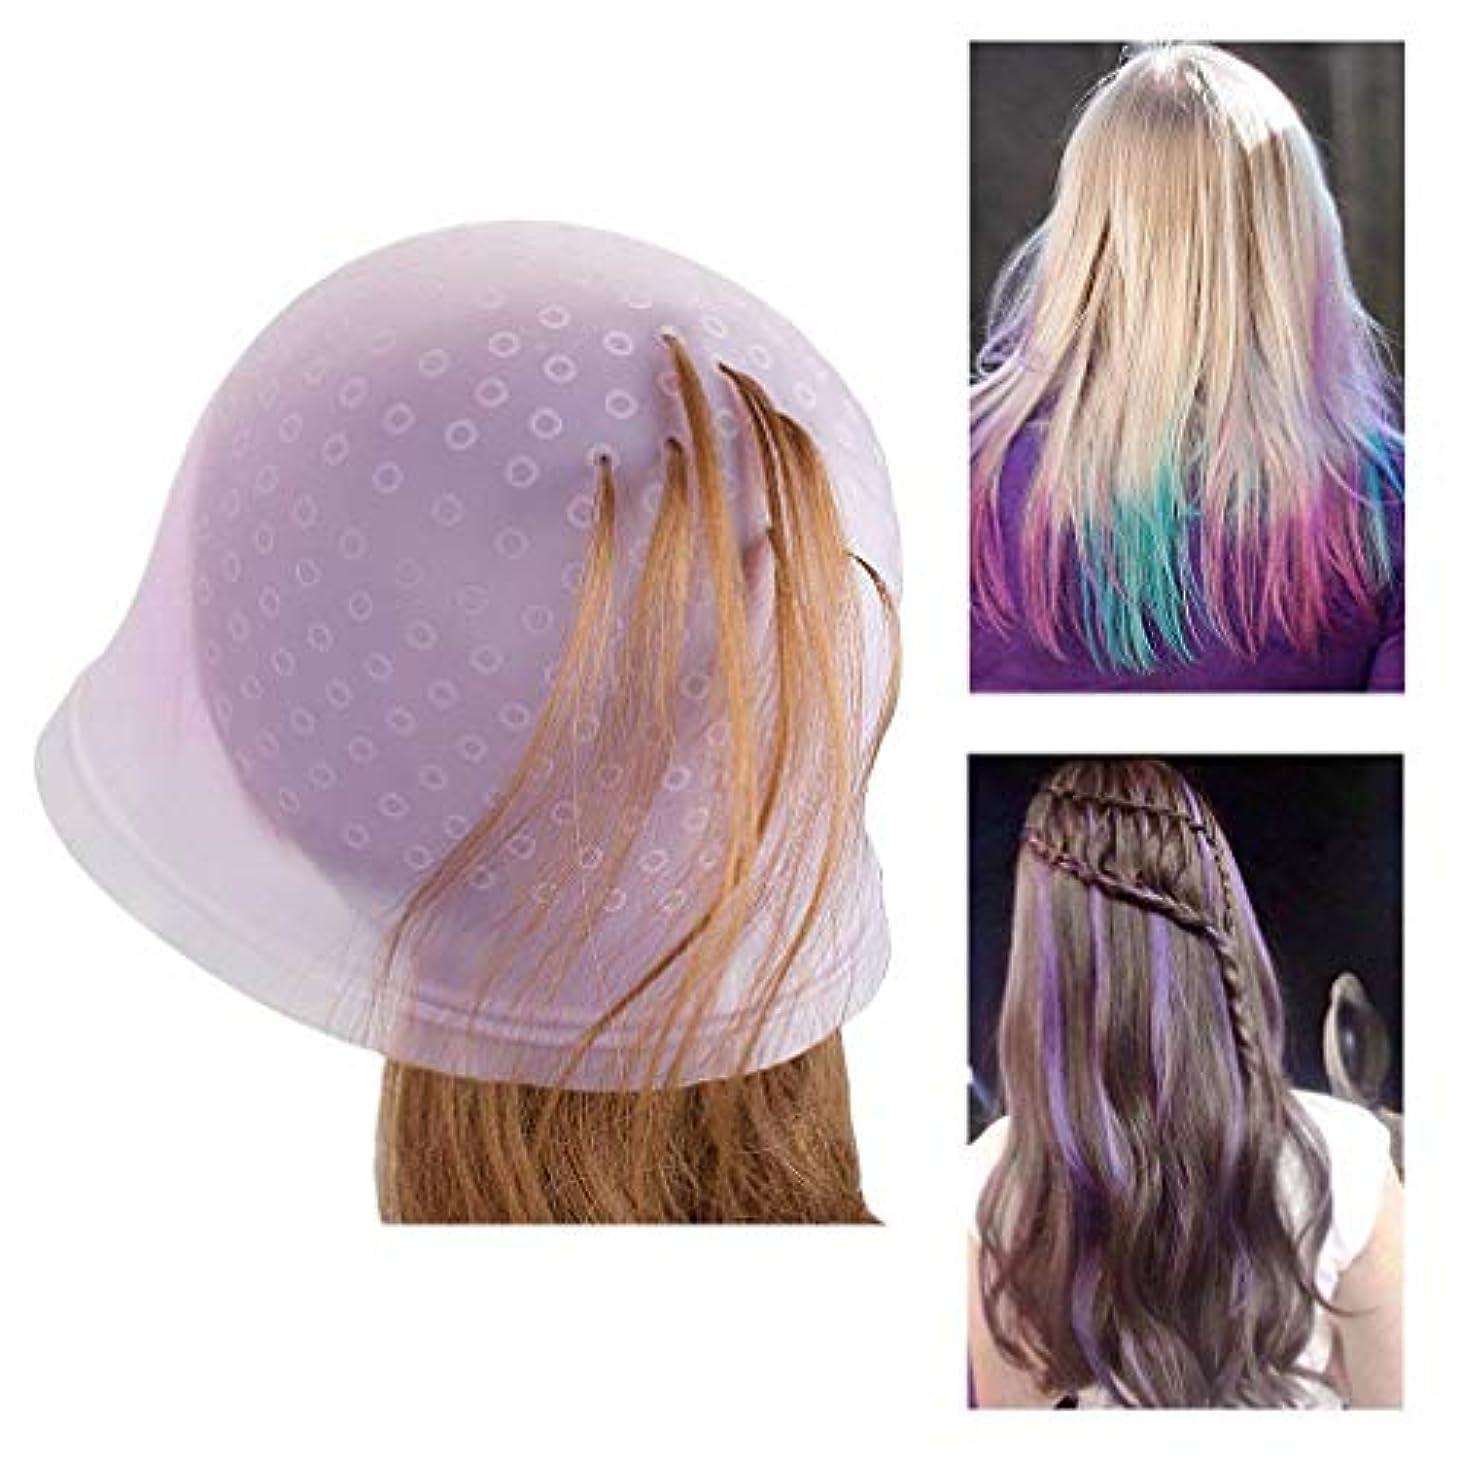 ほのめかす何か二次毛染めキャップ コスプレ ヘアカラー ハイライト ブリーチ ライブ イベント用 シリコン メッシュキャップ 帽 髪染め カラーリング 不要な染めを避ける 洗って使える(紫)